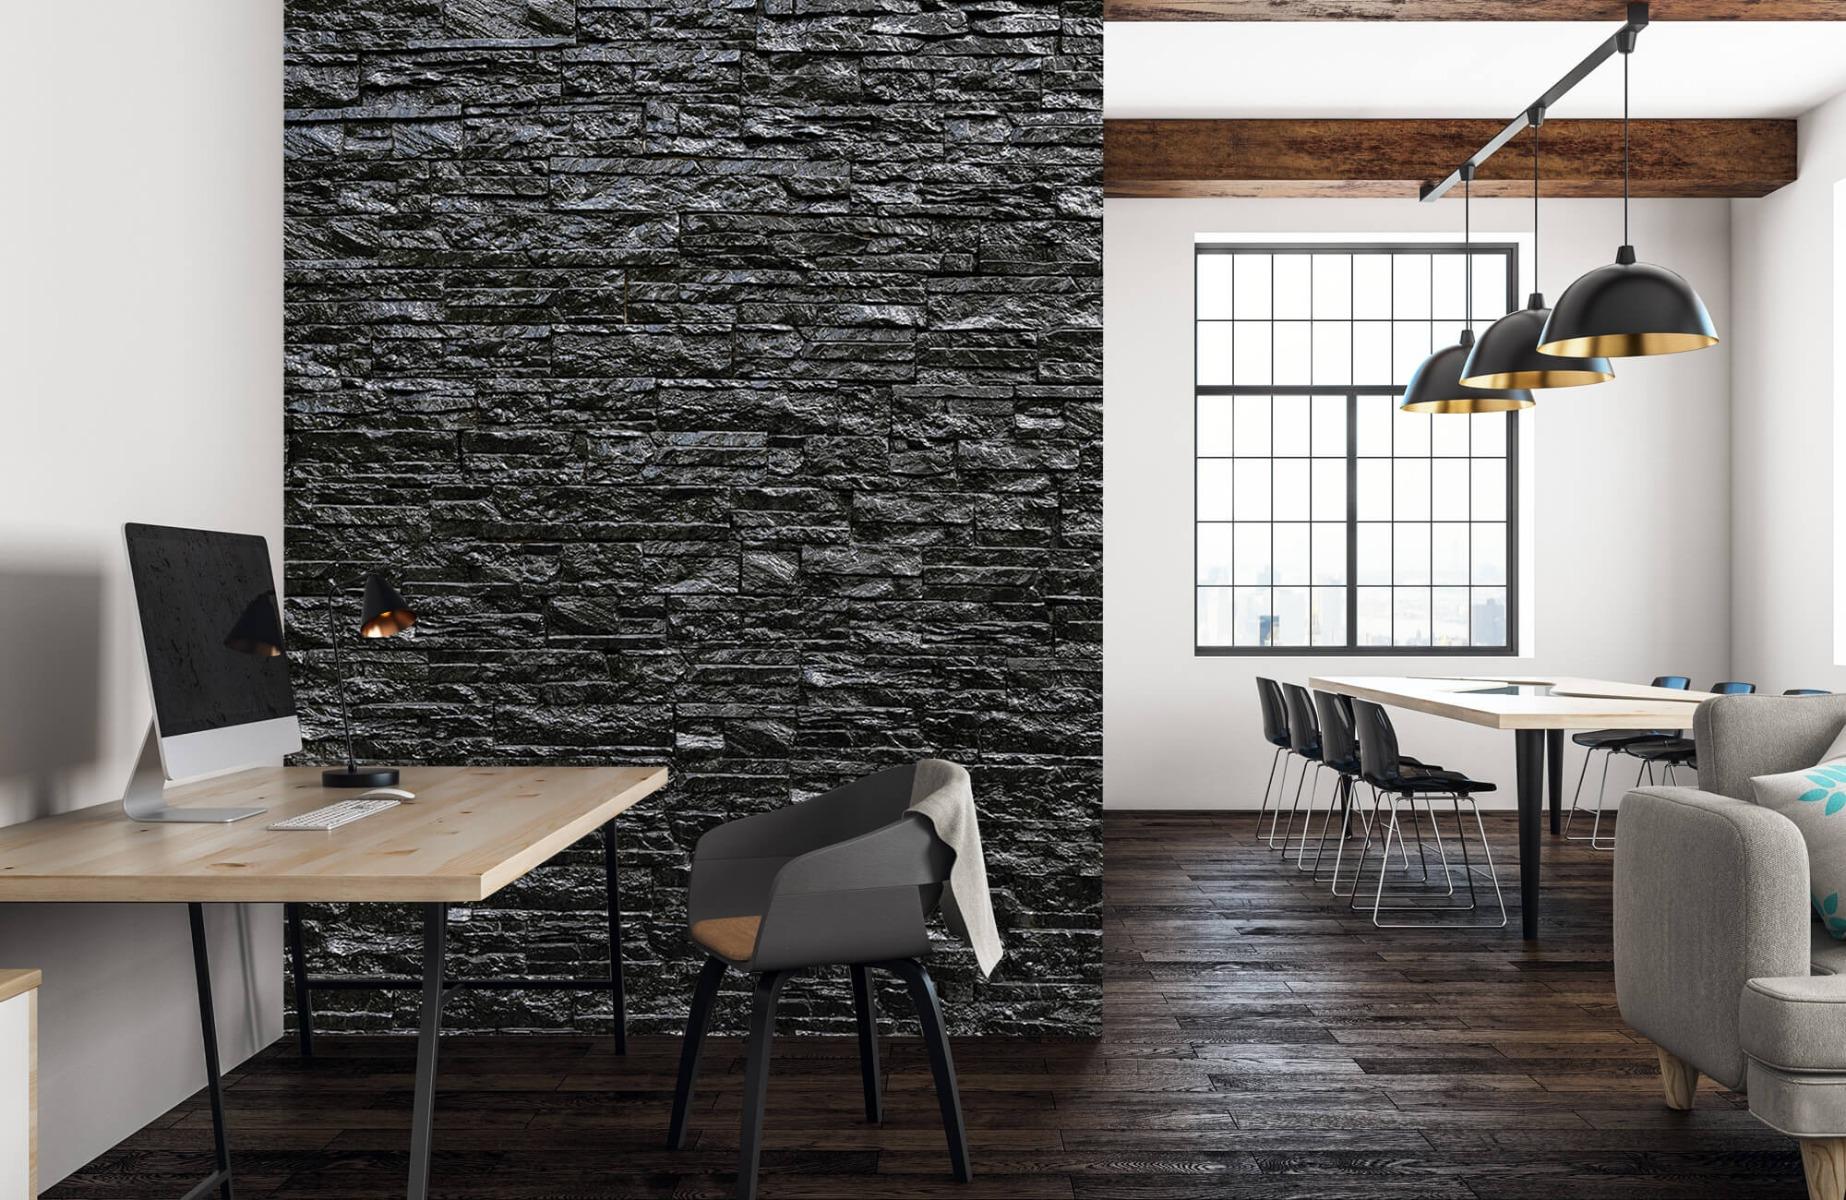 Steen behang - Zwarte stenen - Wallexclusive - Slaapkamer 22